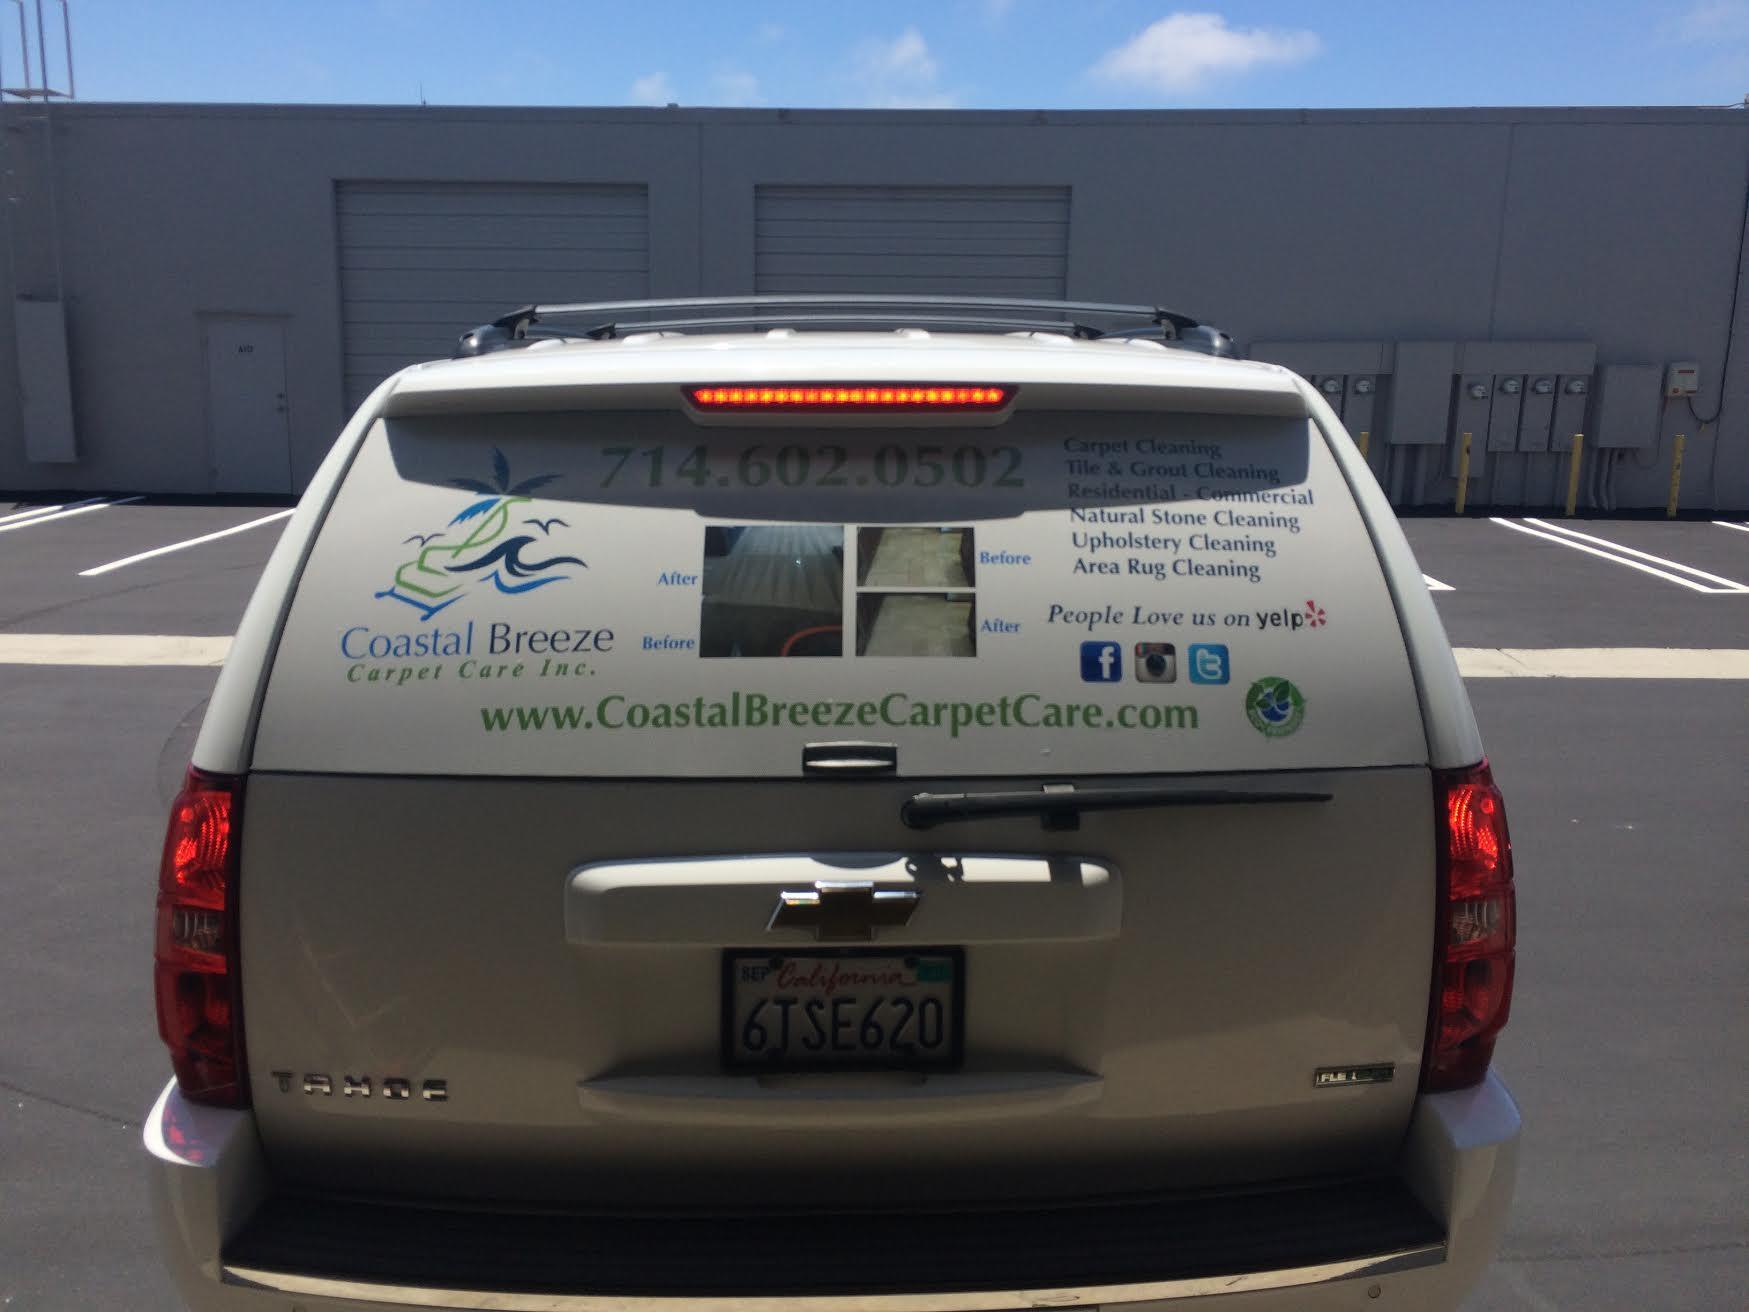 Pastal Breeze vehicle wraps